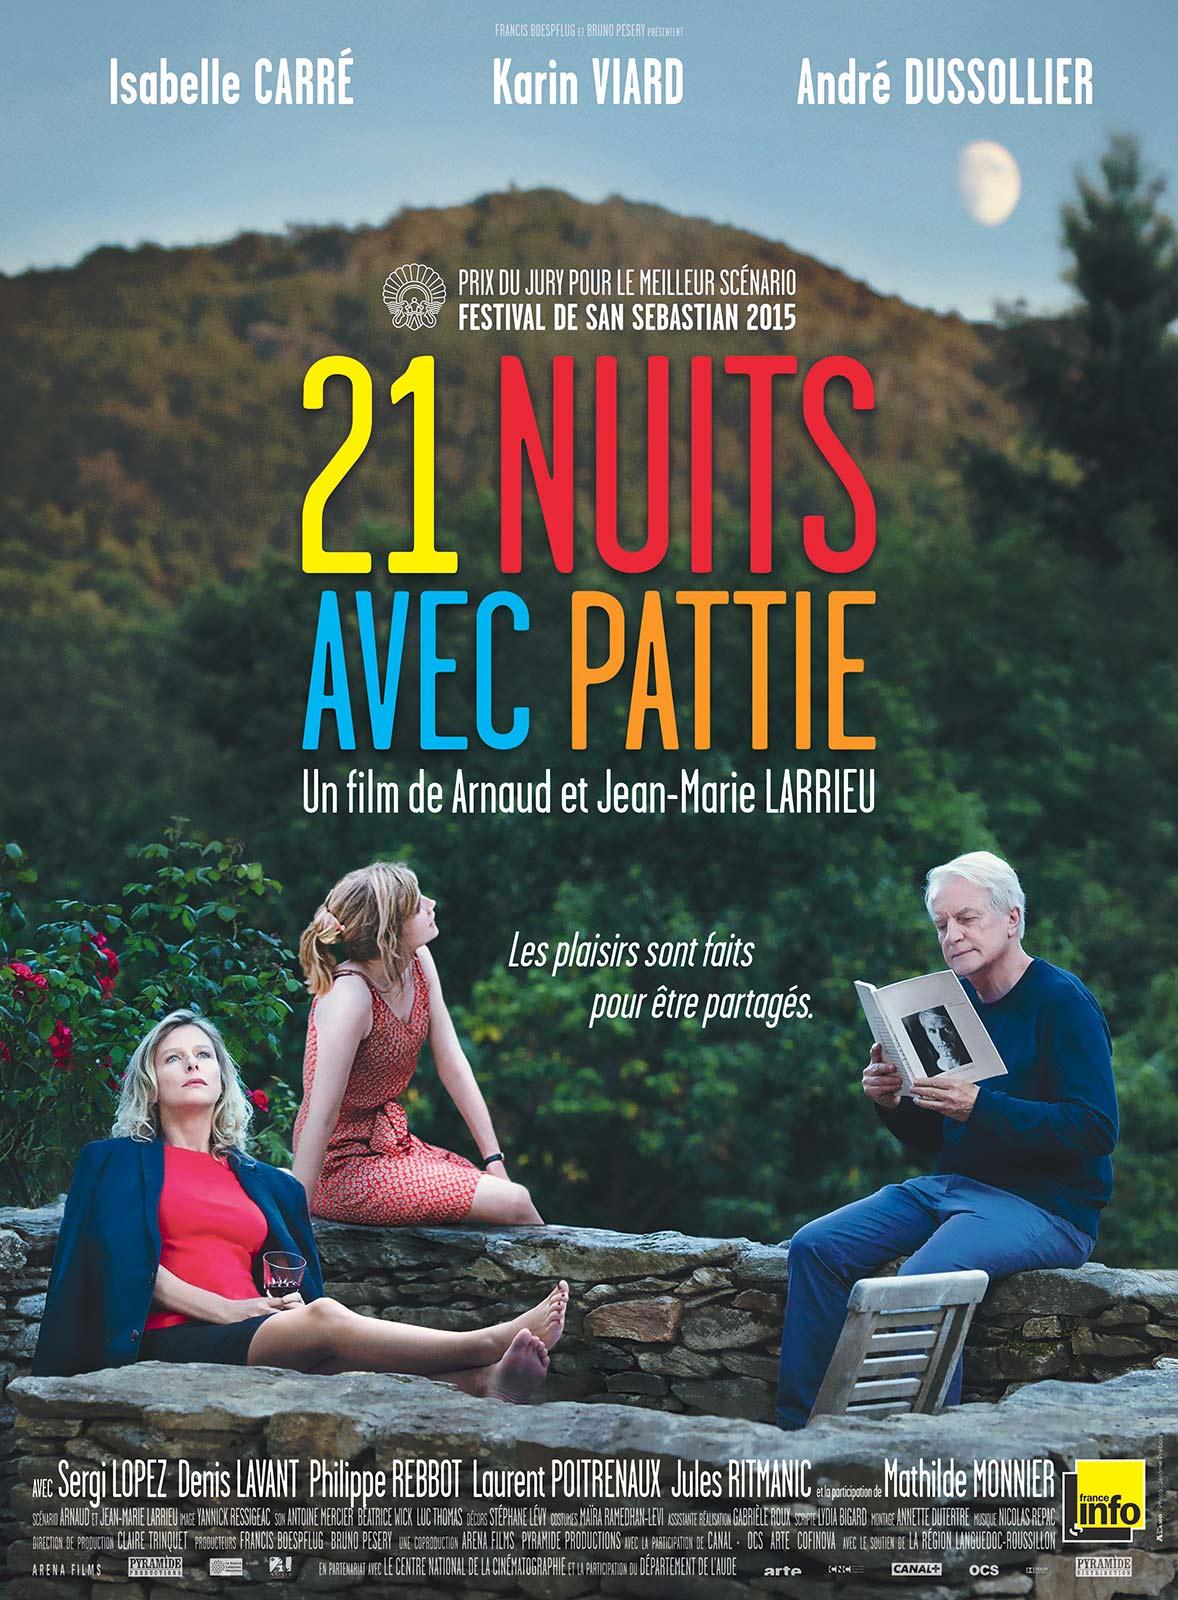 21 nuits avec Pattie ddl